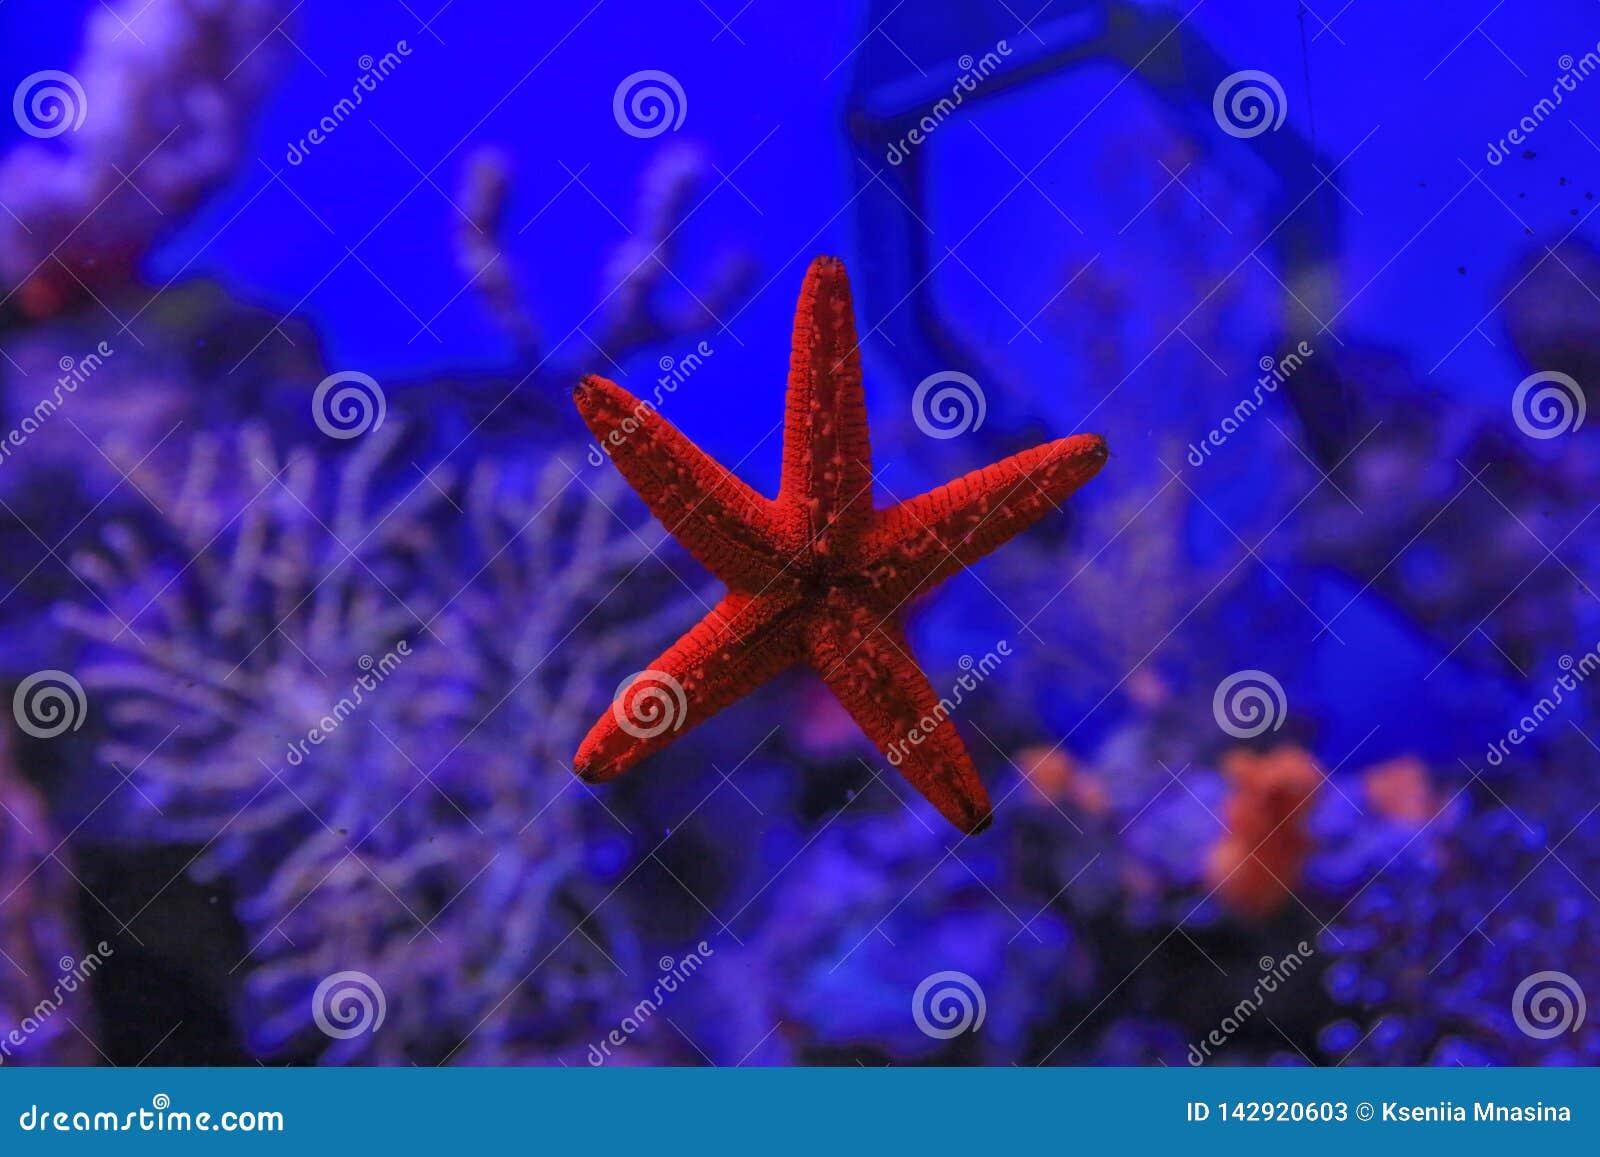 Zeester aan het glas tegen het koraal wordt geplakt dat